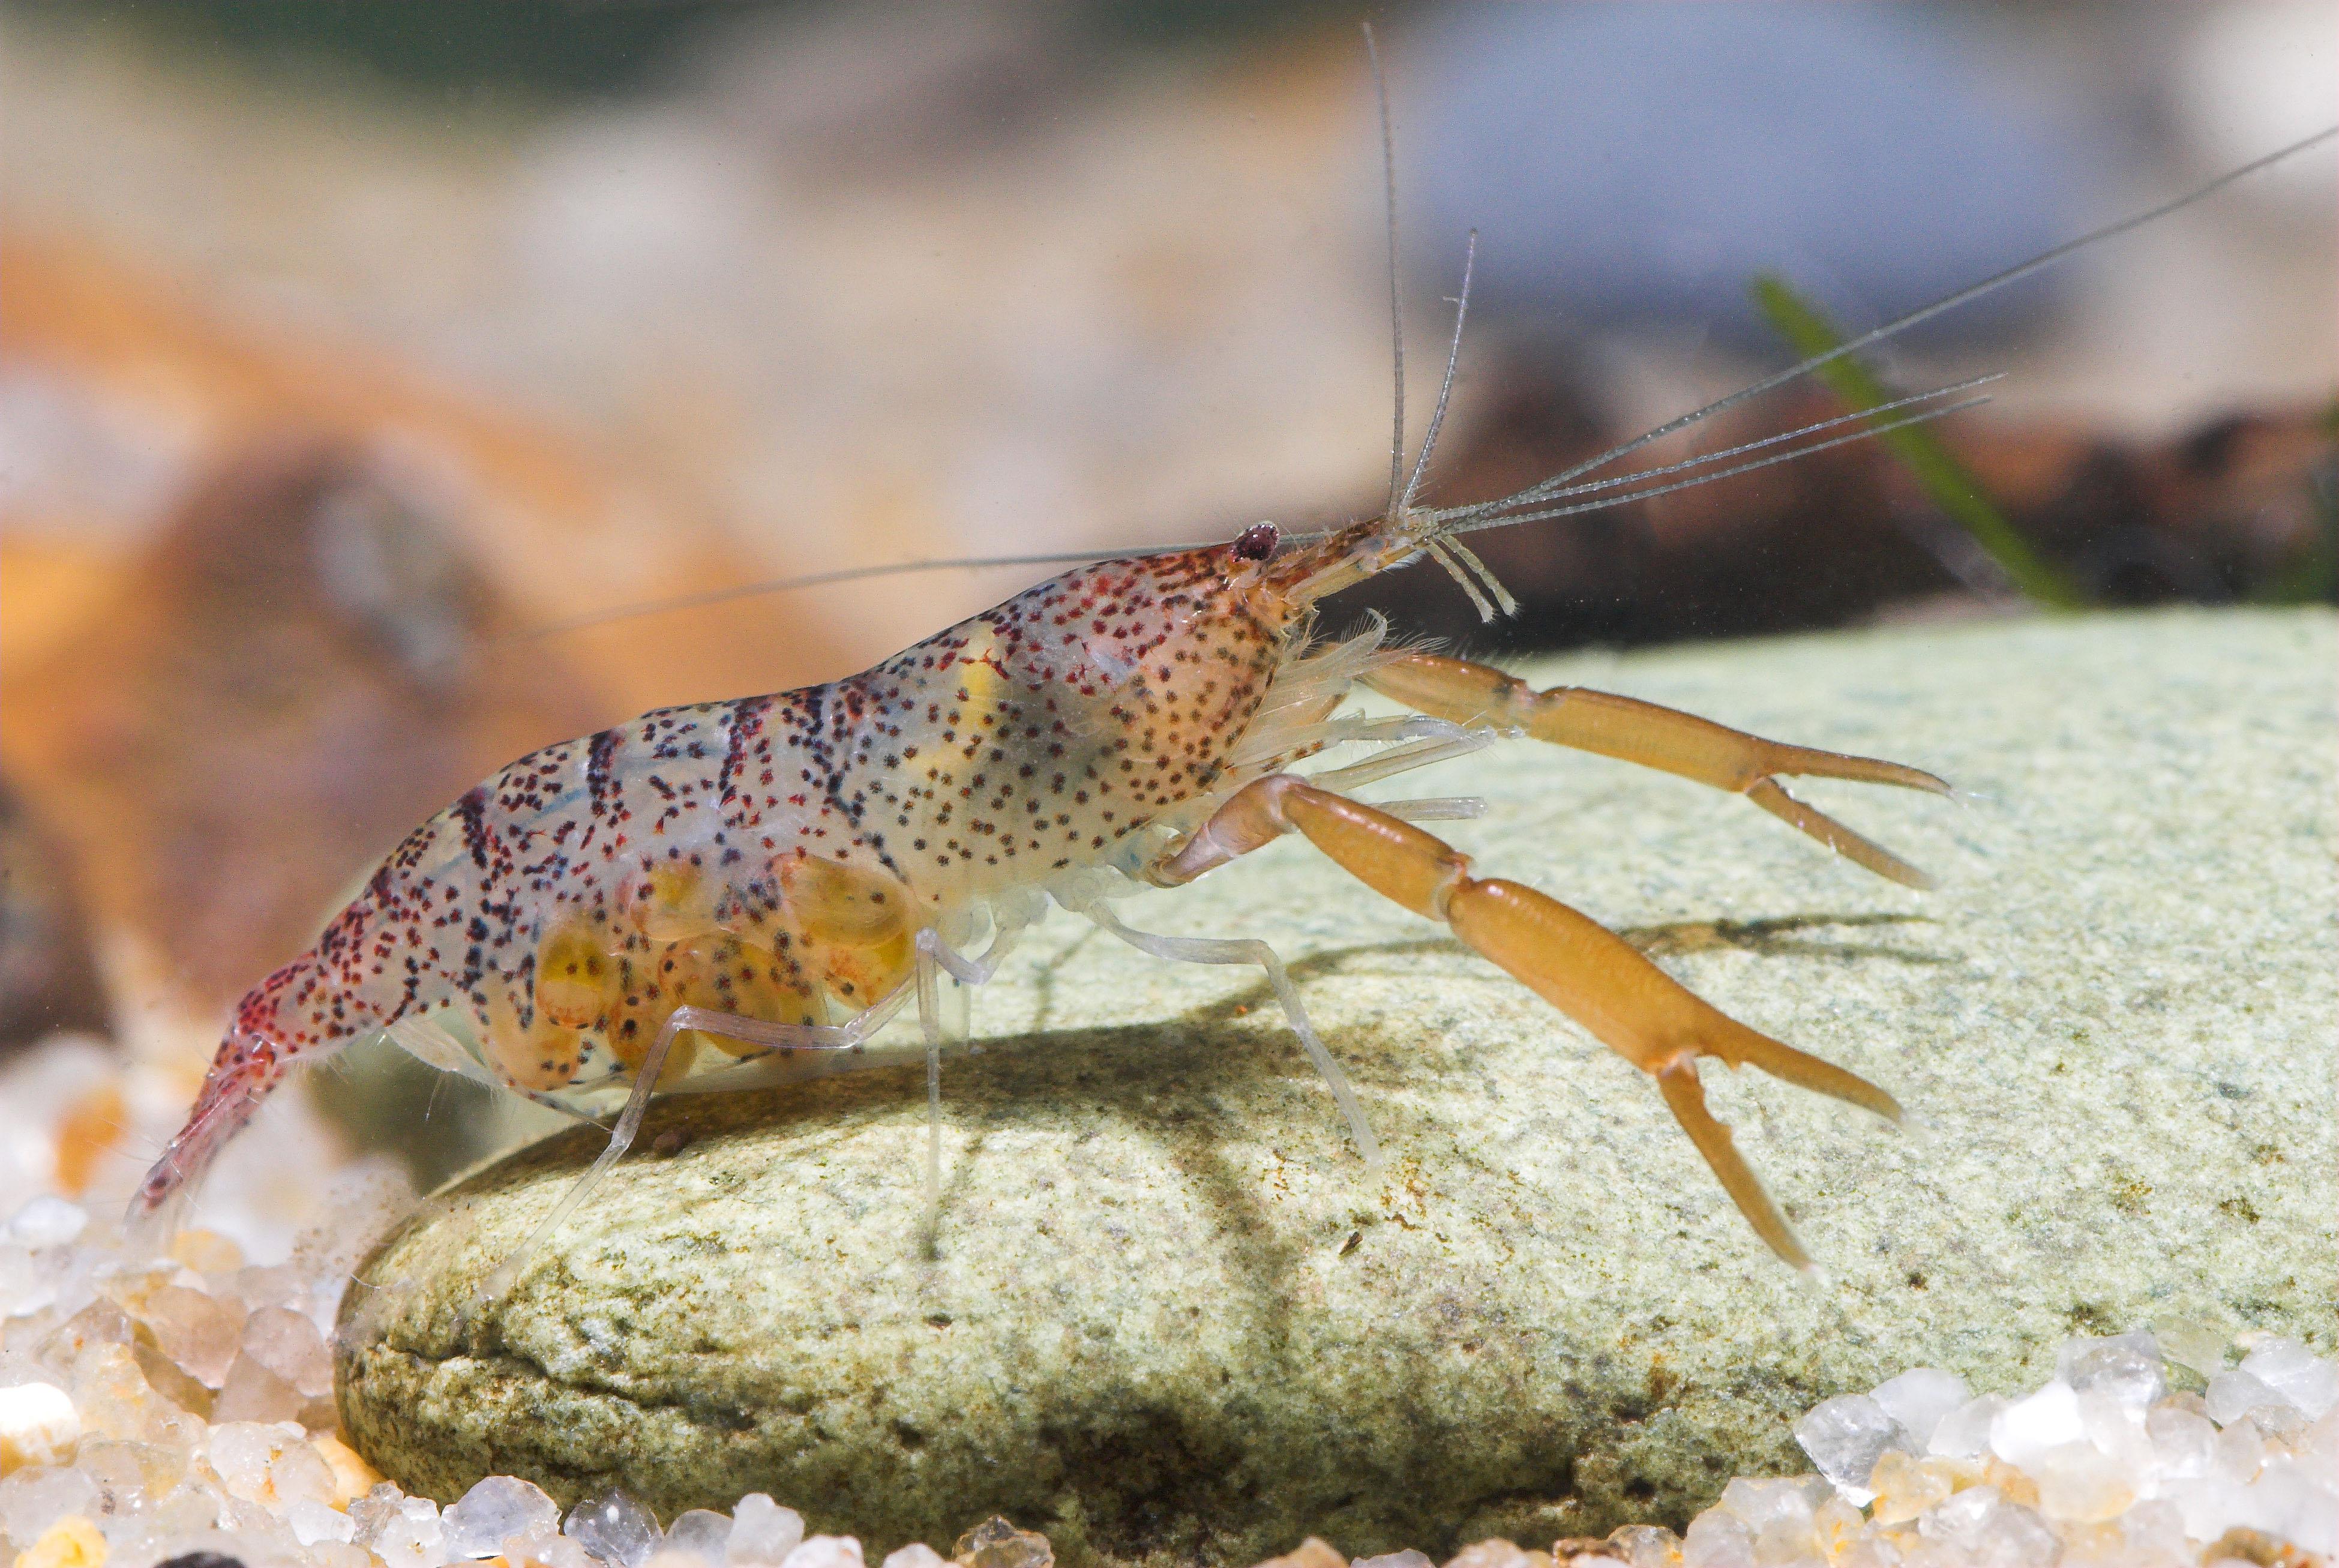 Dead Shrimp Blues: The Imperilled Status of Freshwater ...Freshwater Shrimp